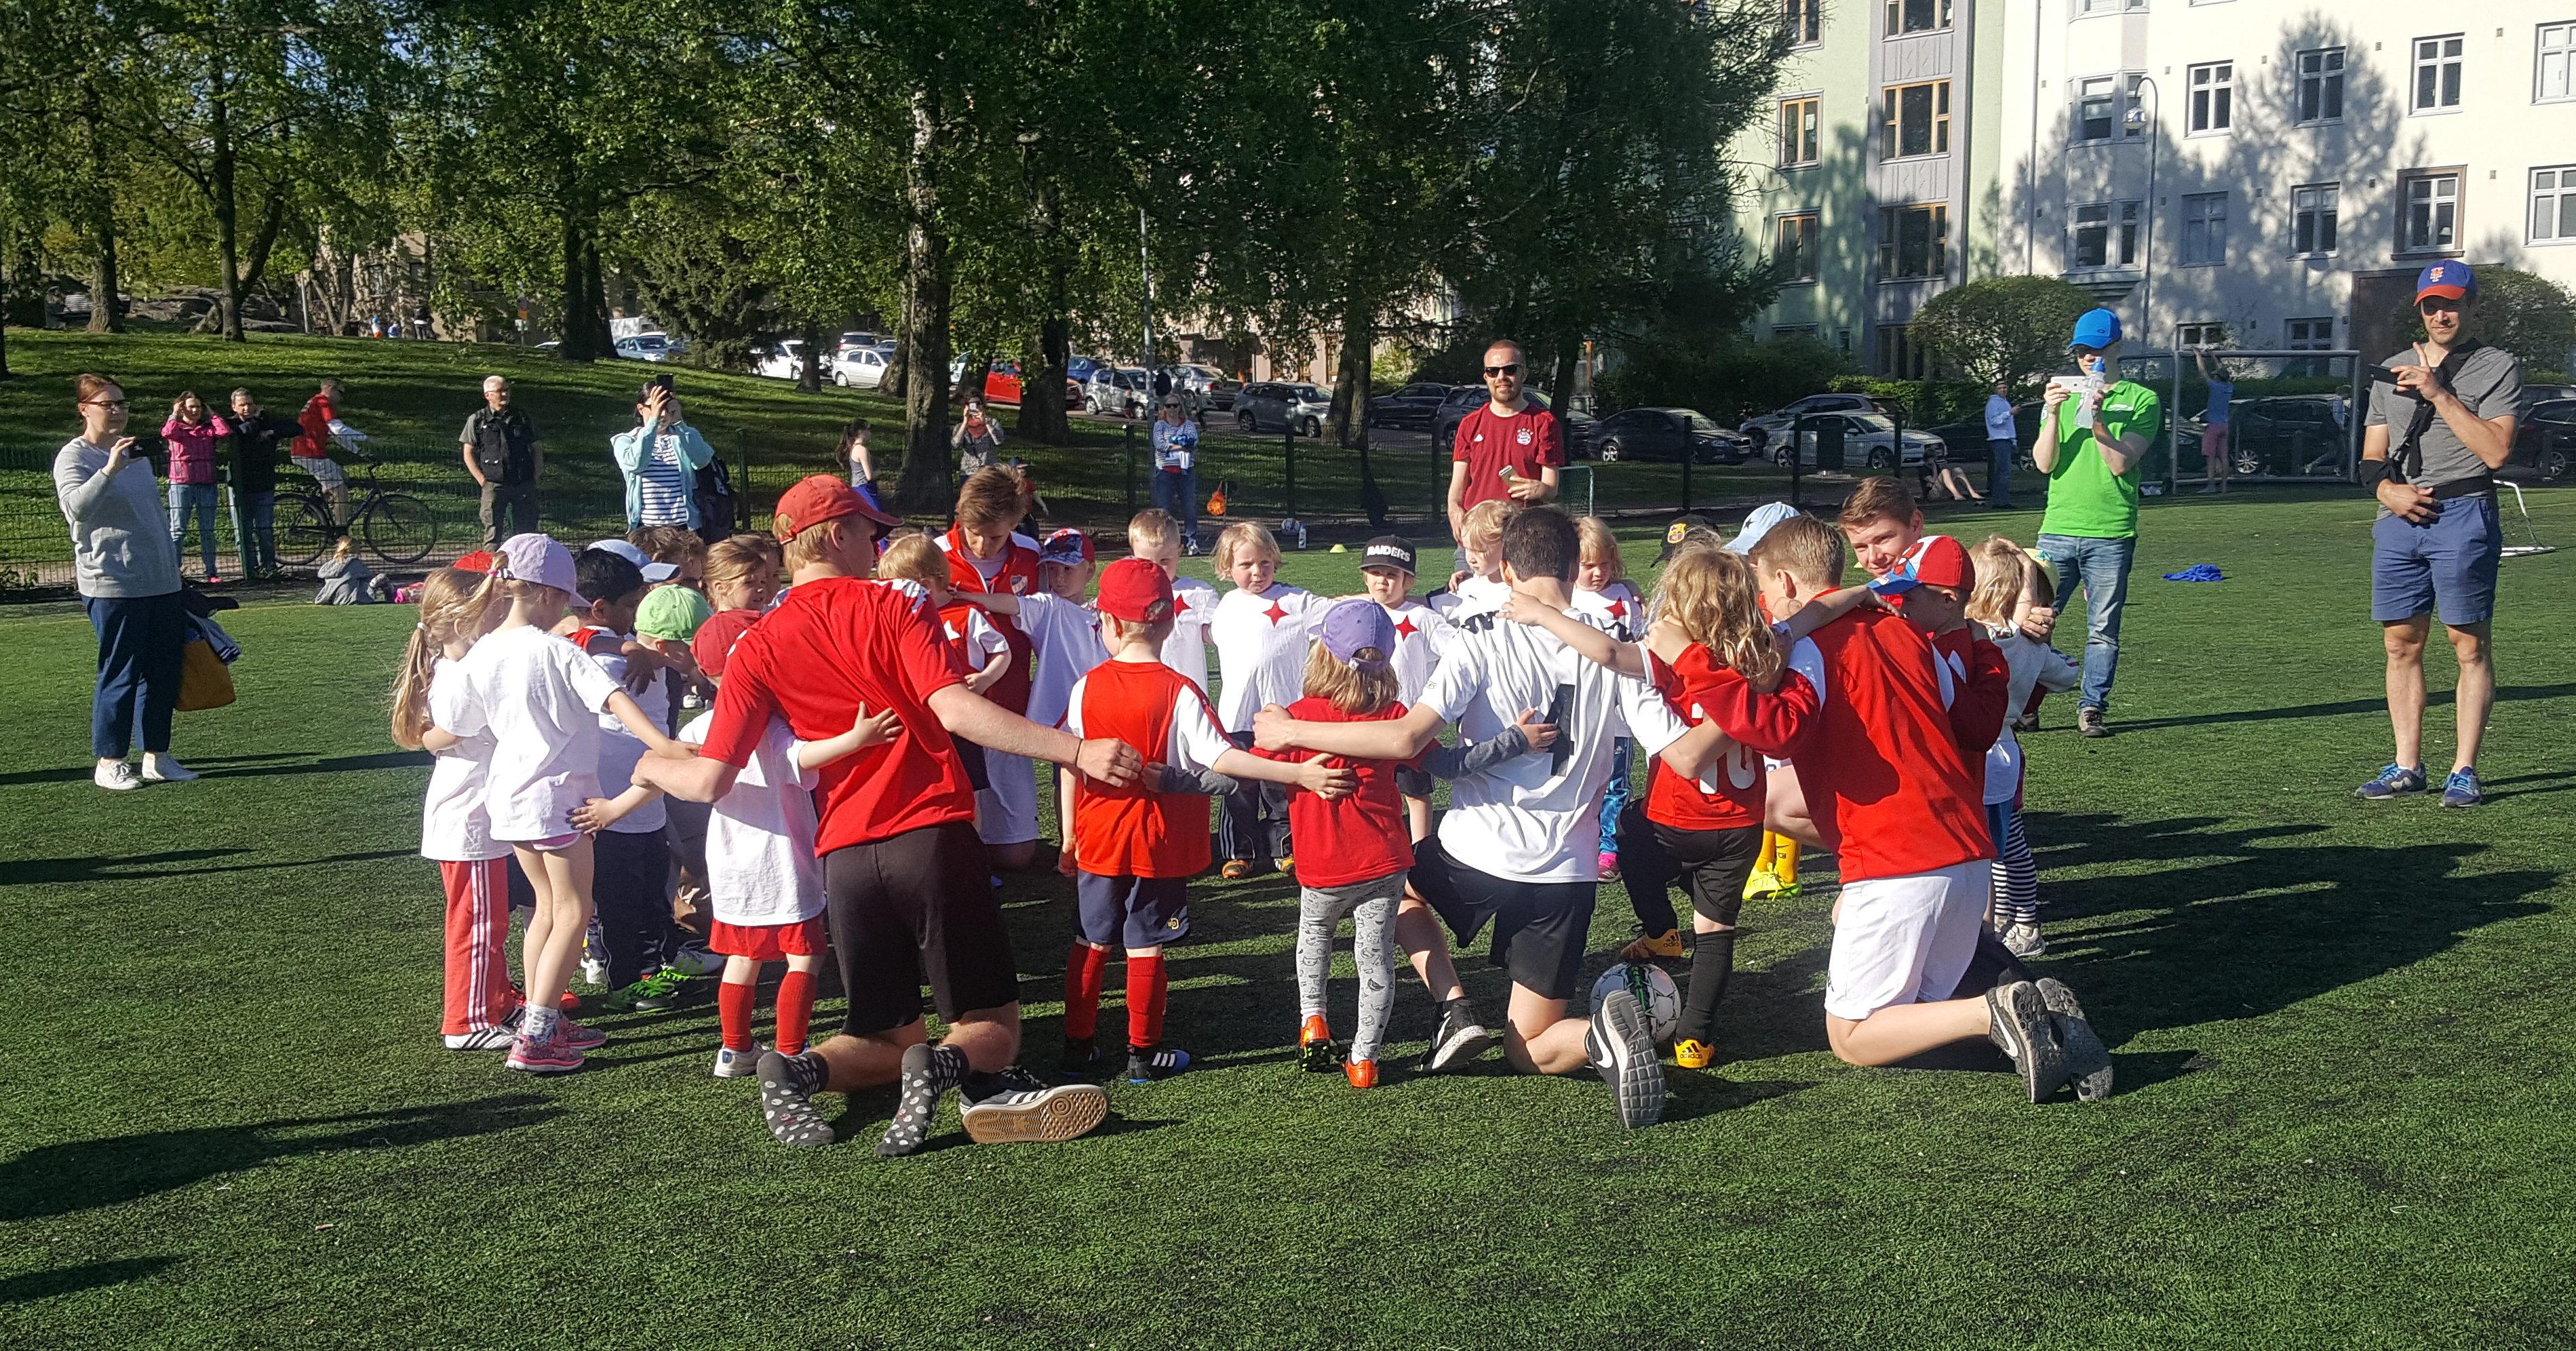 HIFK Fotboll hakee tyttöjalkapalloiluvastaavaa